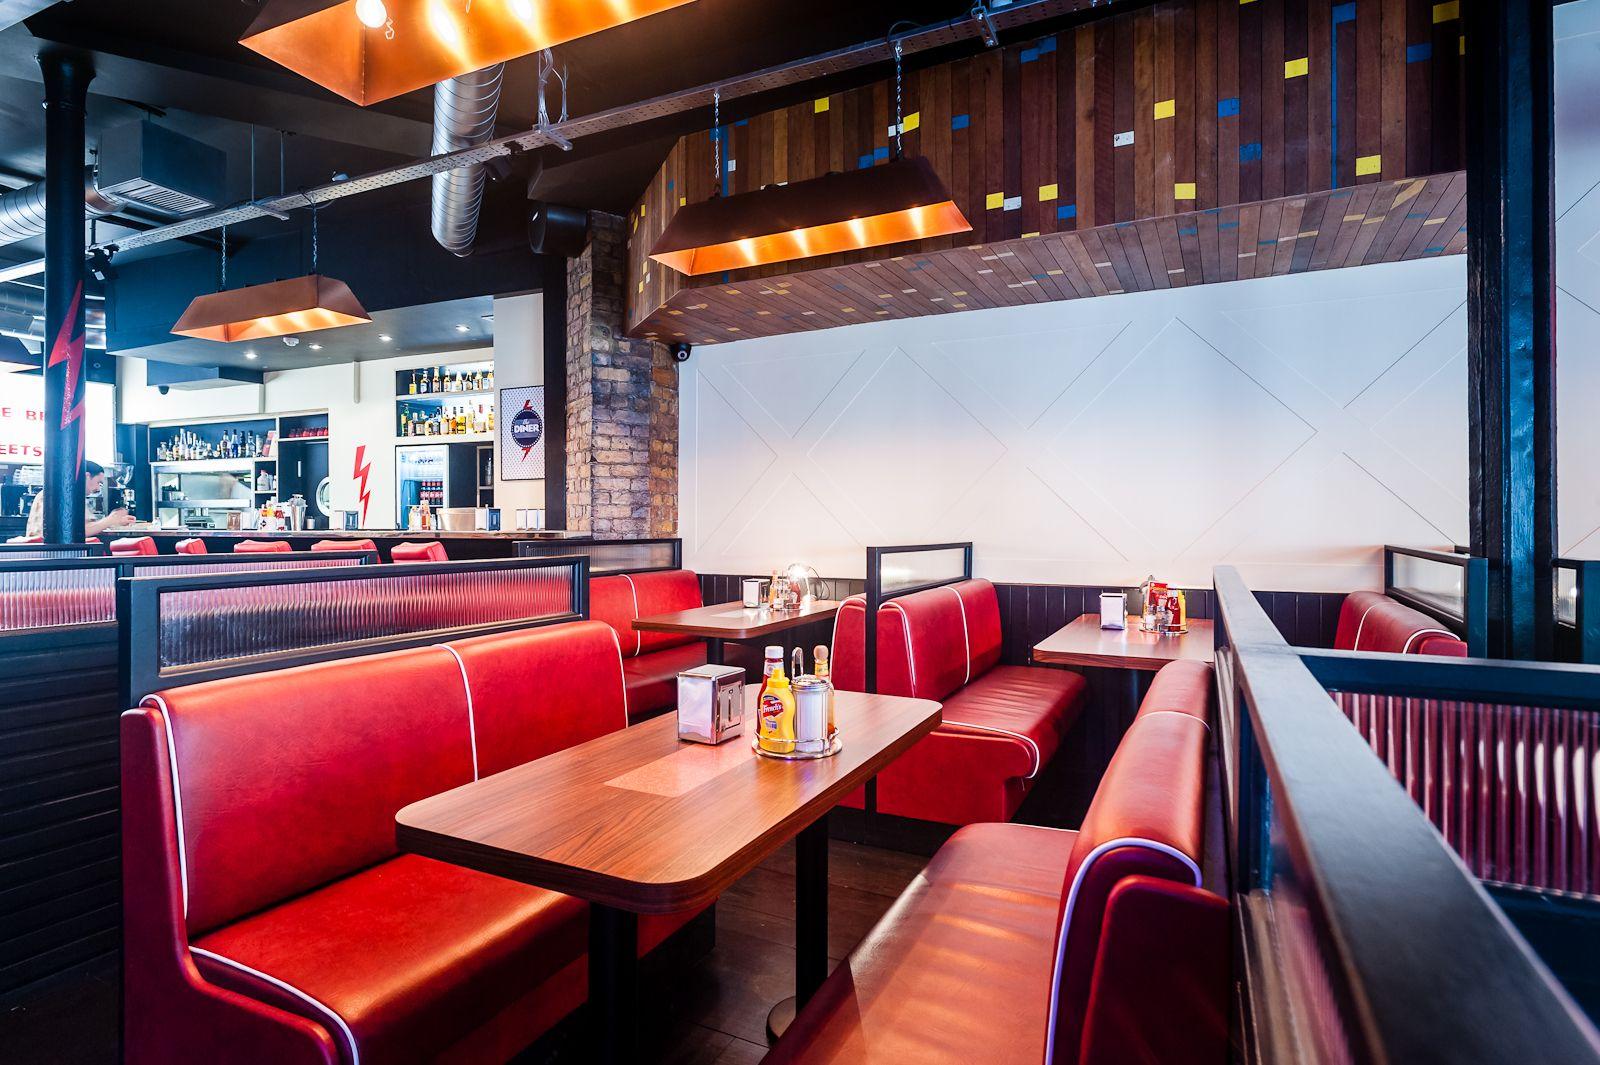 Next Stop Pinterest Diner City Diner Retro Diner